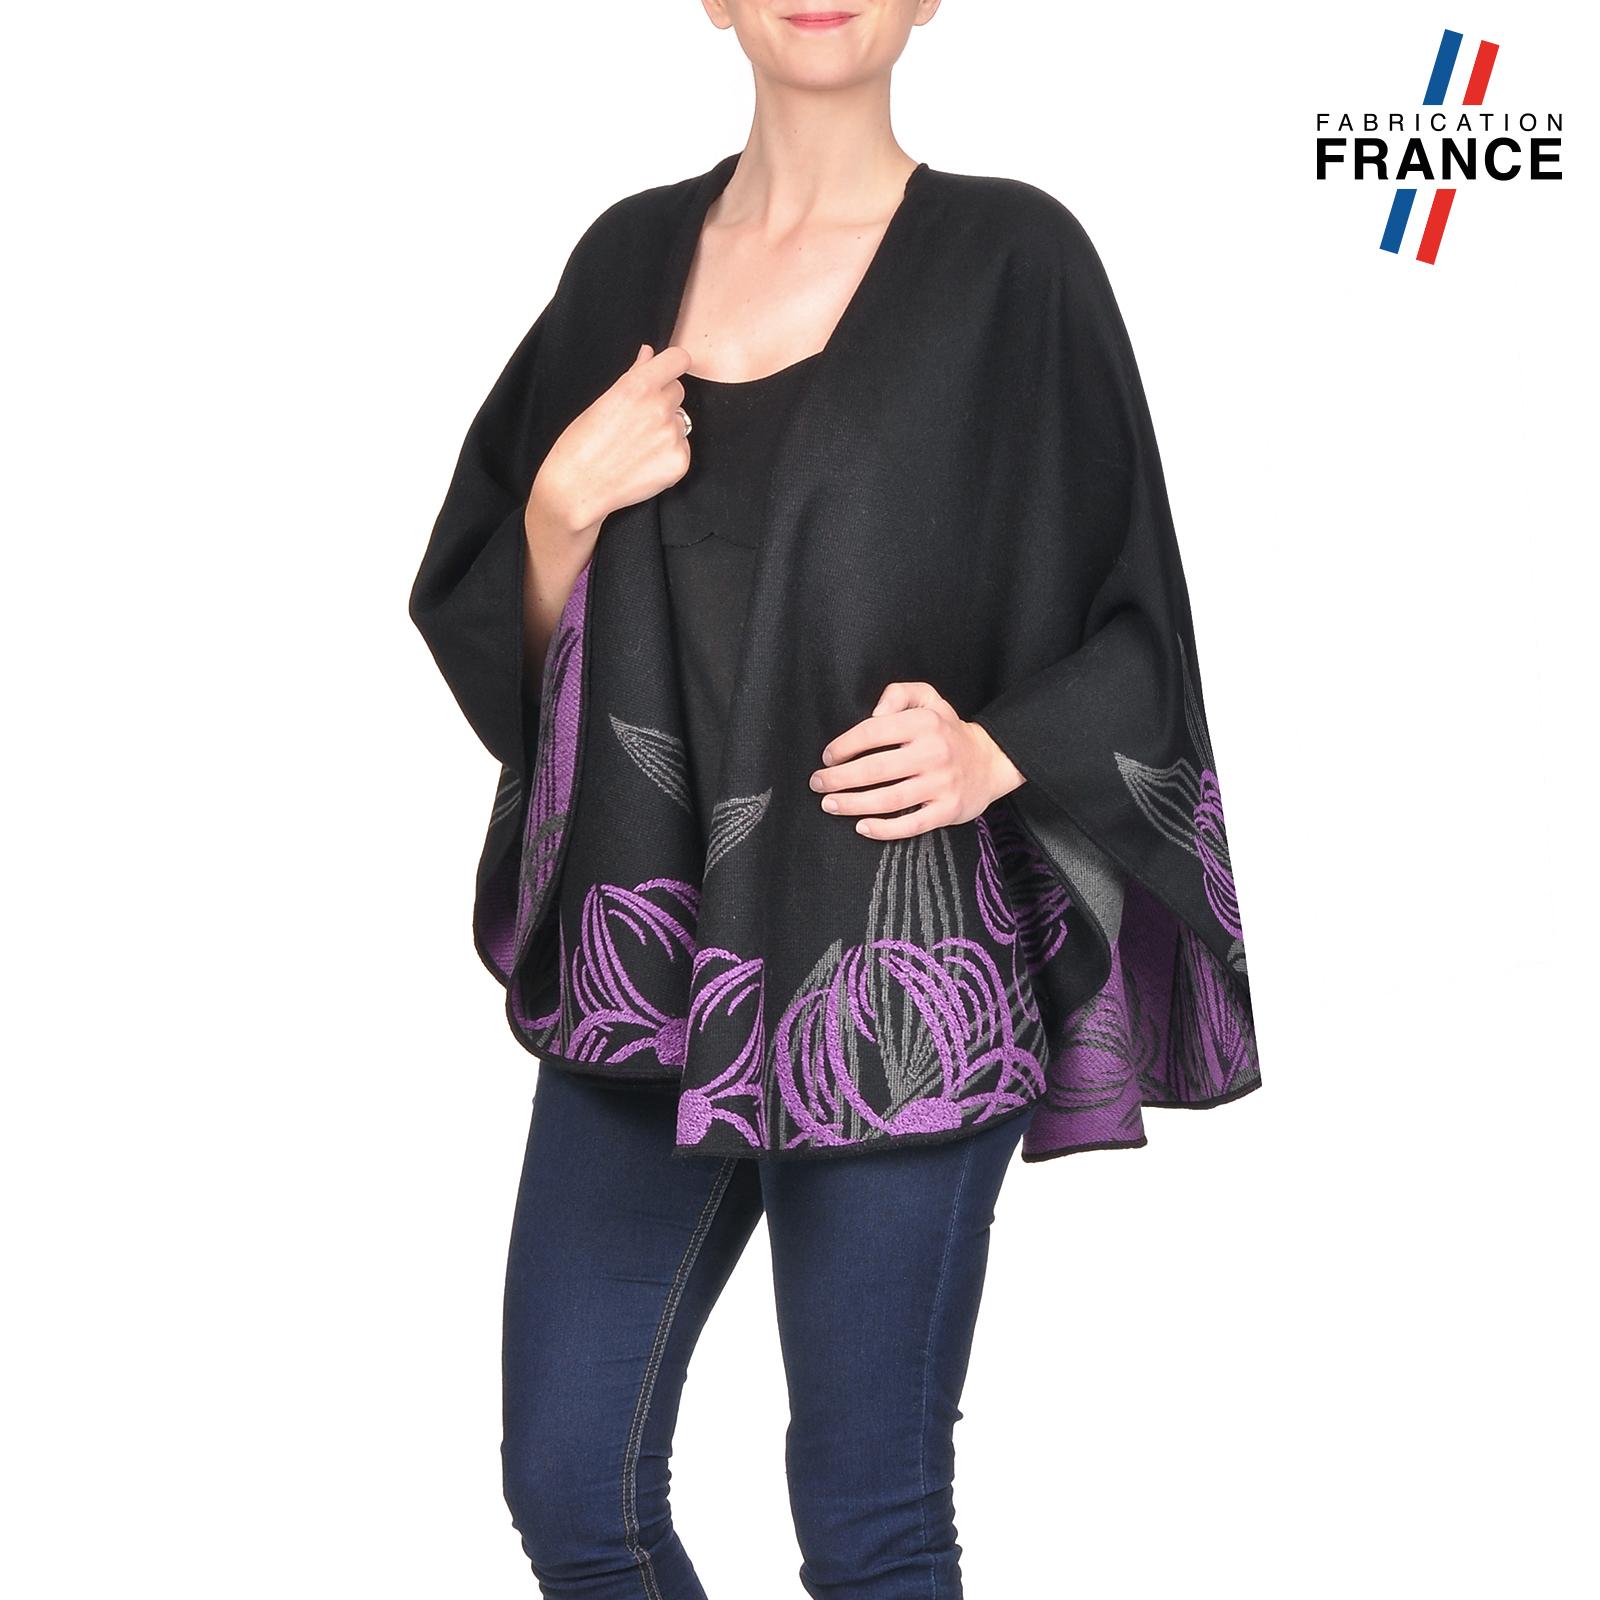 Poncho noir imprim floral violet fabriqu en france - Poncho femme noir ...